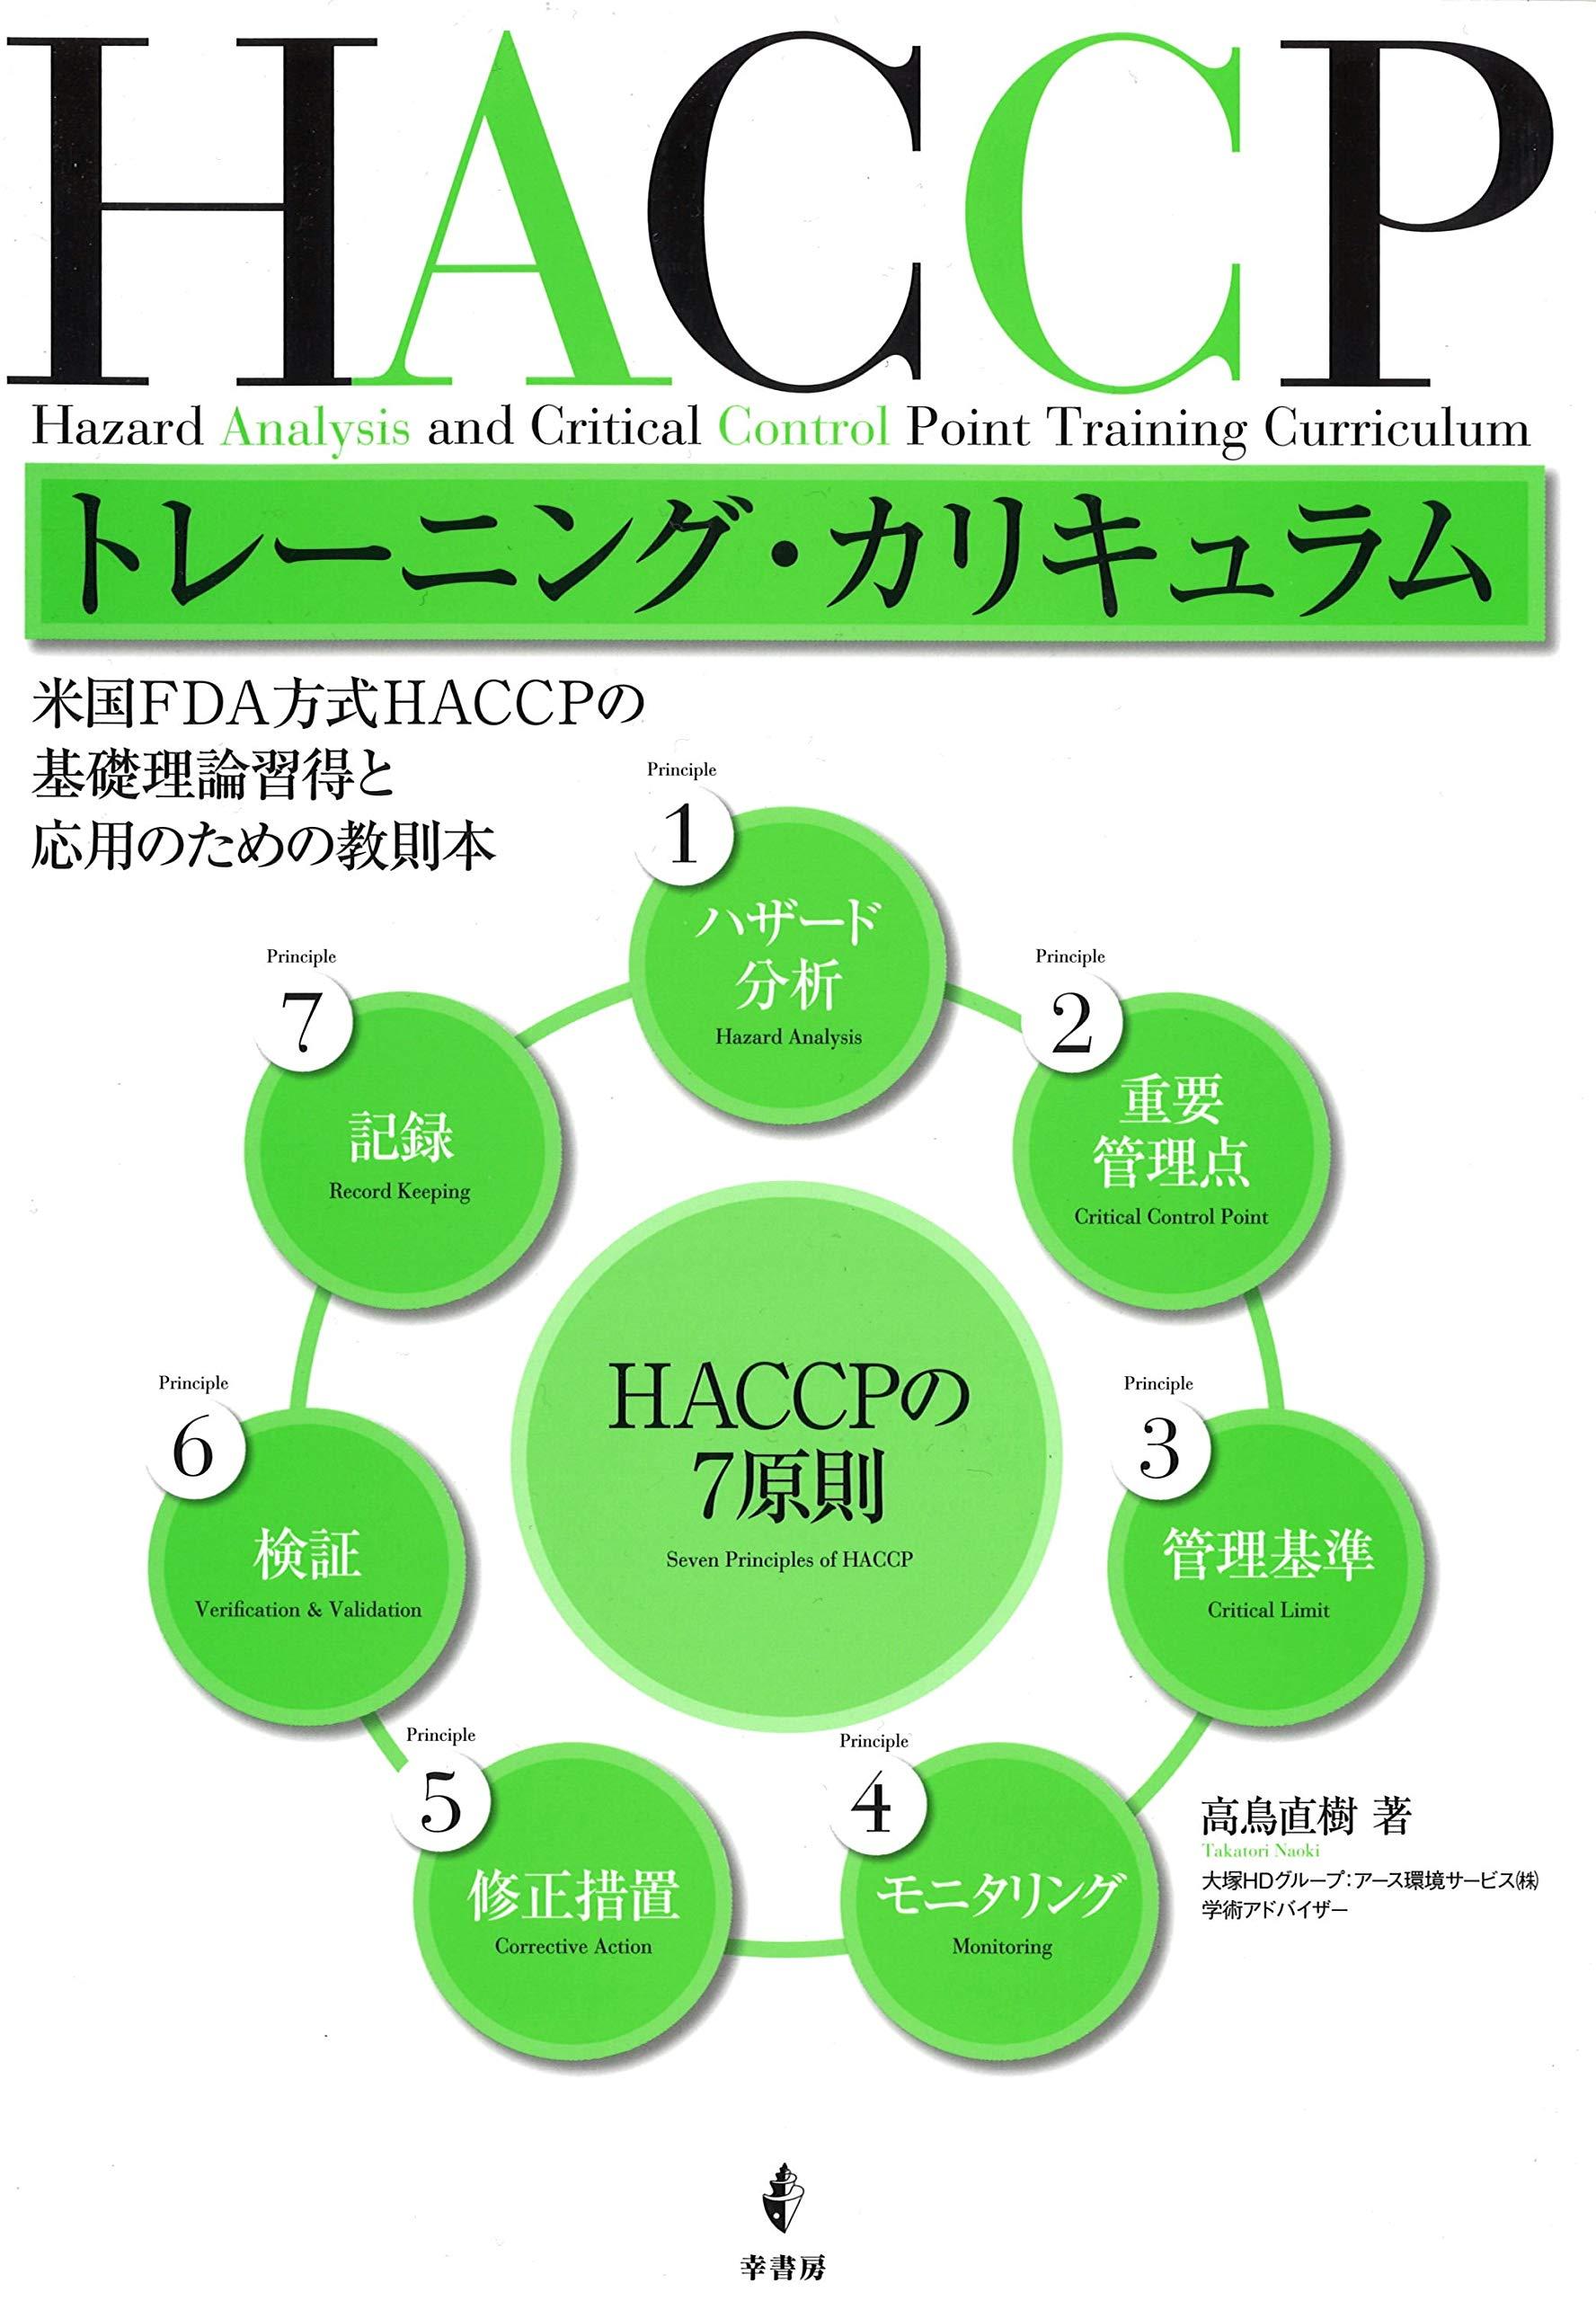 haccpトレーニング カリキュラム 高鳥 直樹 本 通販 amazon